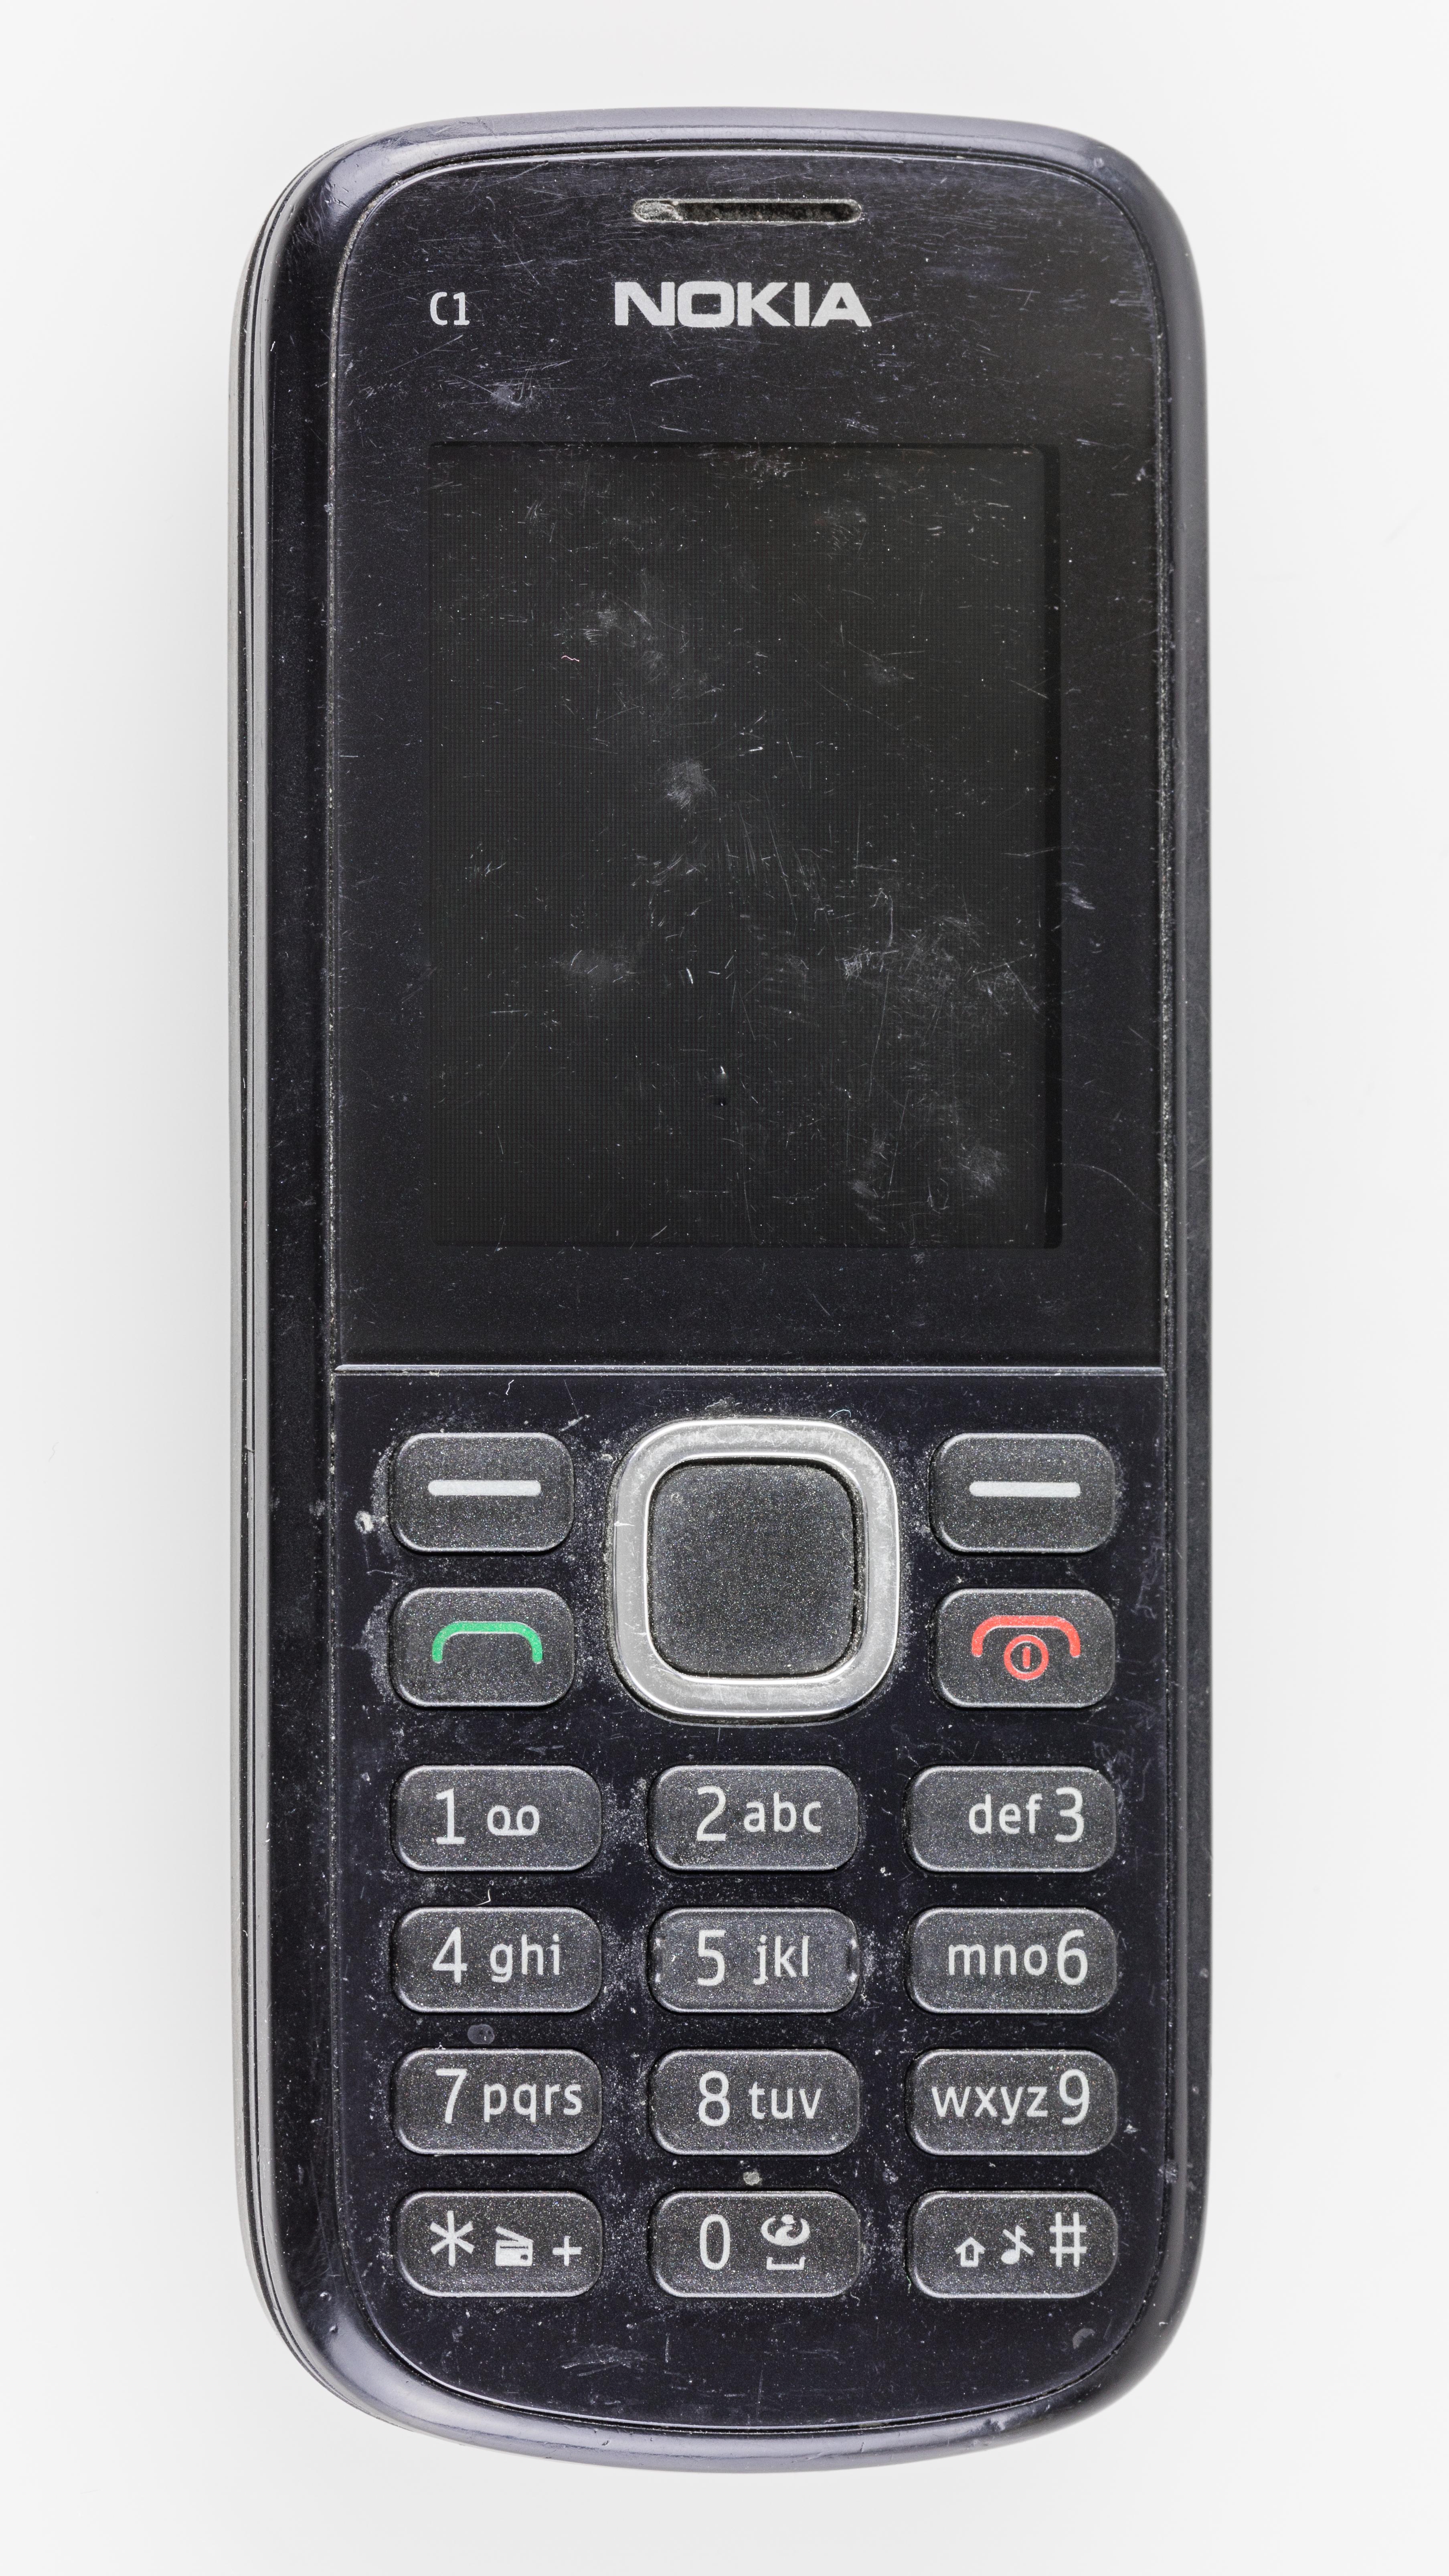 Nokia C1-02 - Wikipedia